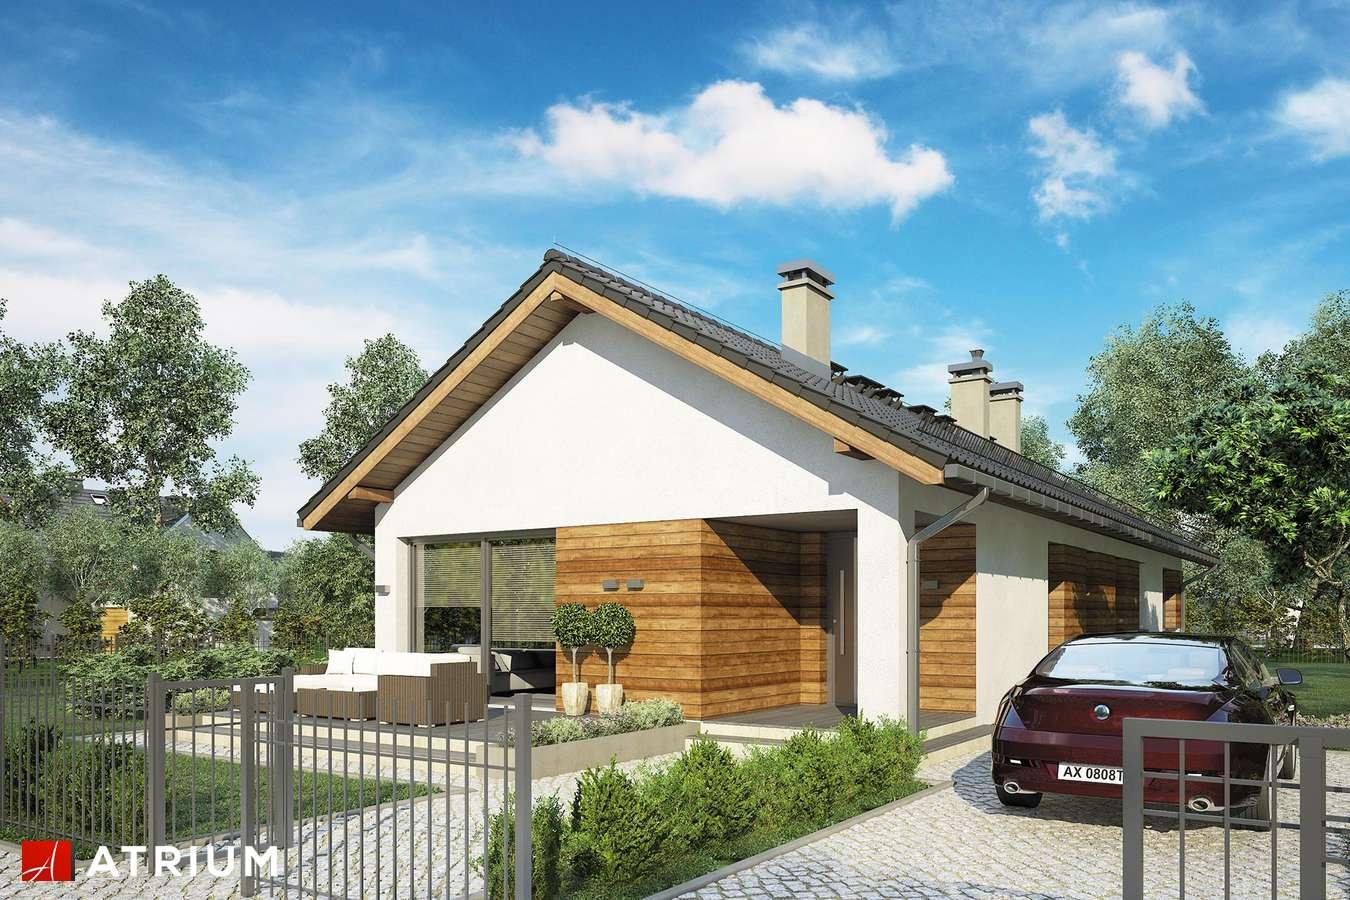 Projekty domów - Projekt domu parterowego OLIMP - wizualizacja 1